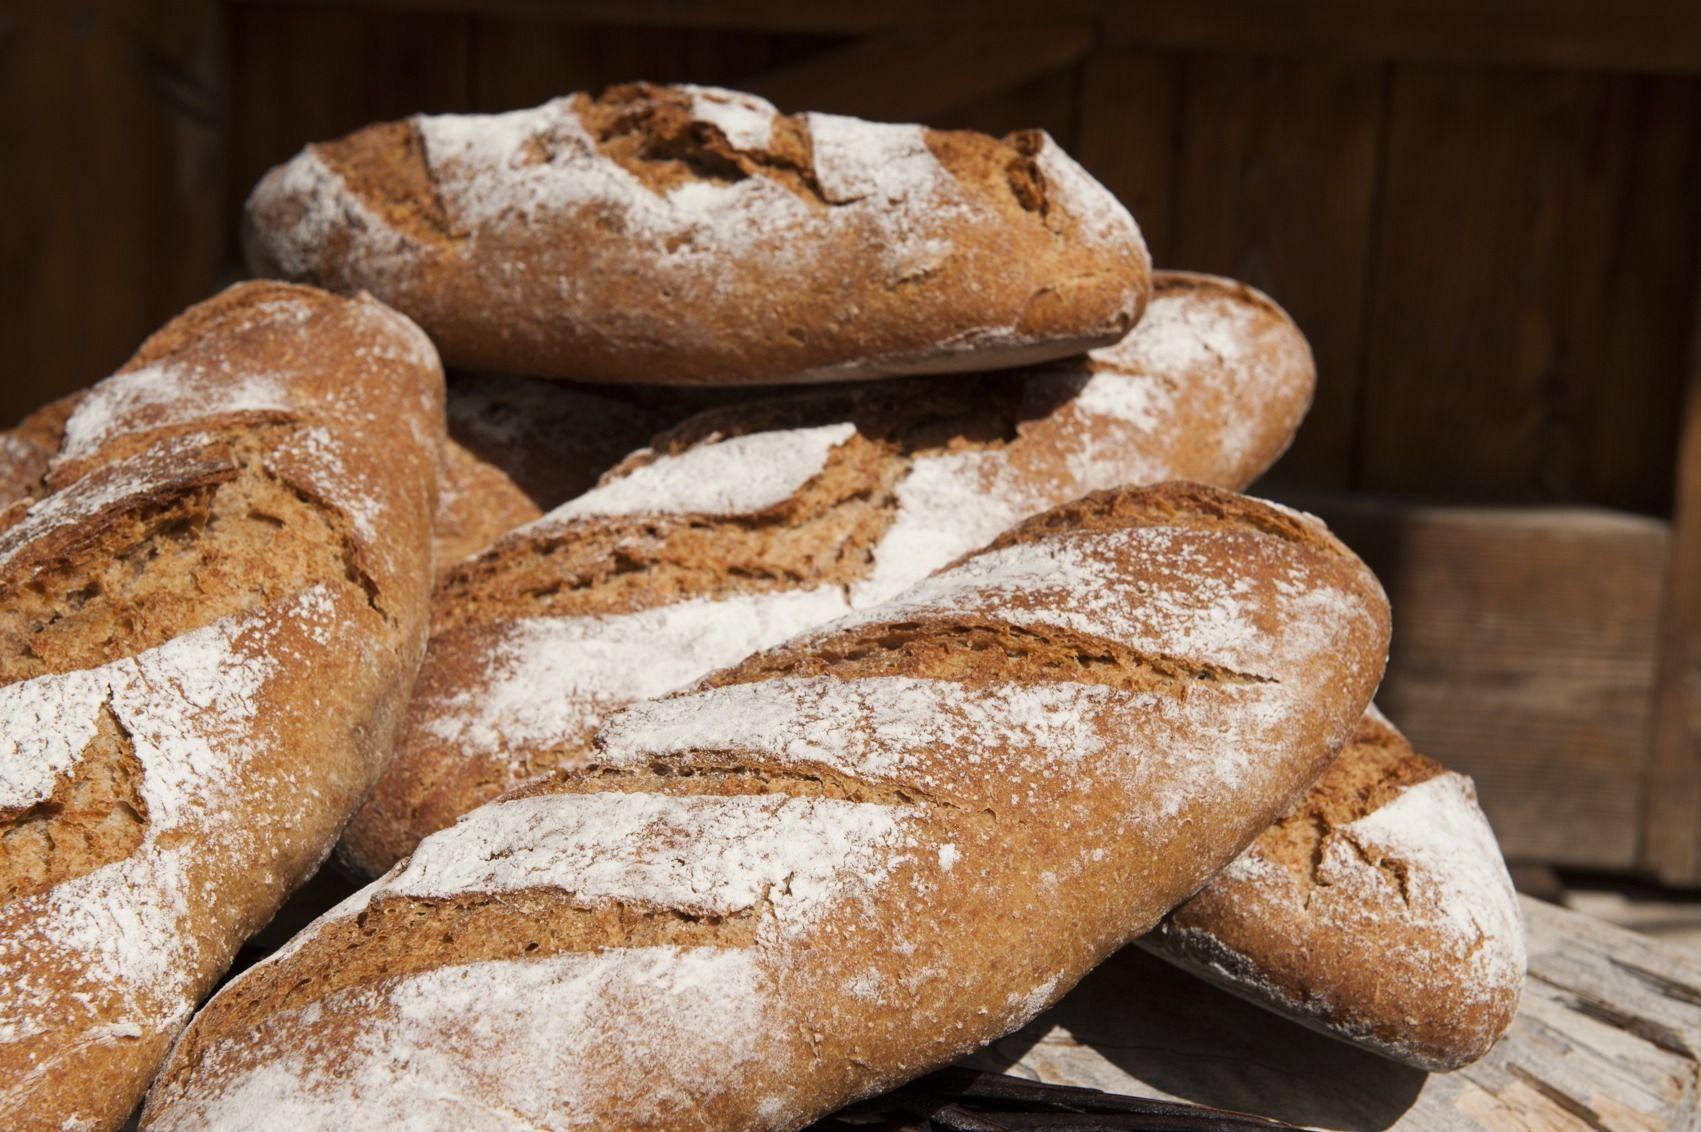 Hogaza de pan de centeno y kamut, un trigo antiguo de origen egipcio que se asimila mucho mejor que el trigo alterado genéticamente como el del pan de los chinos y los súpers